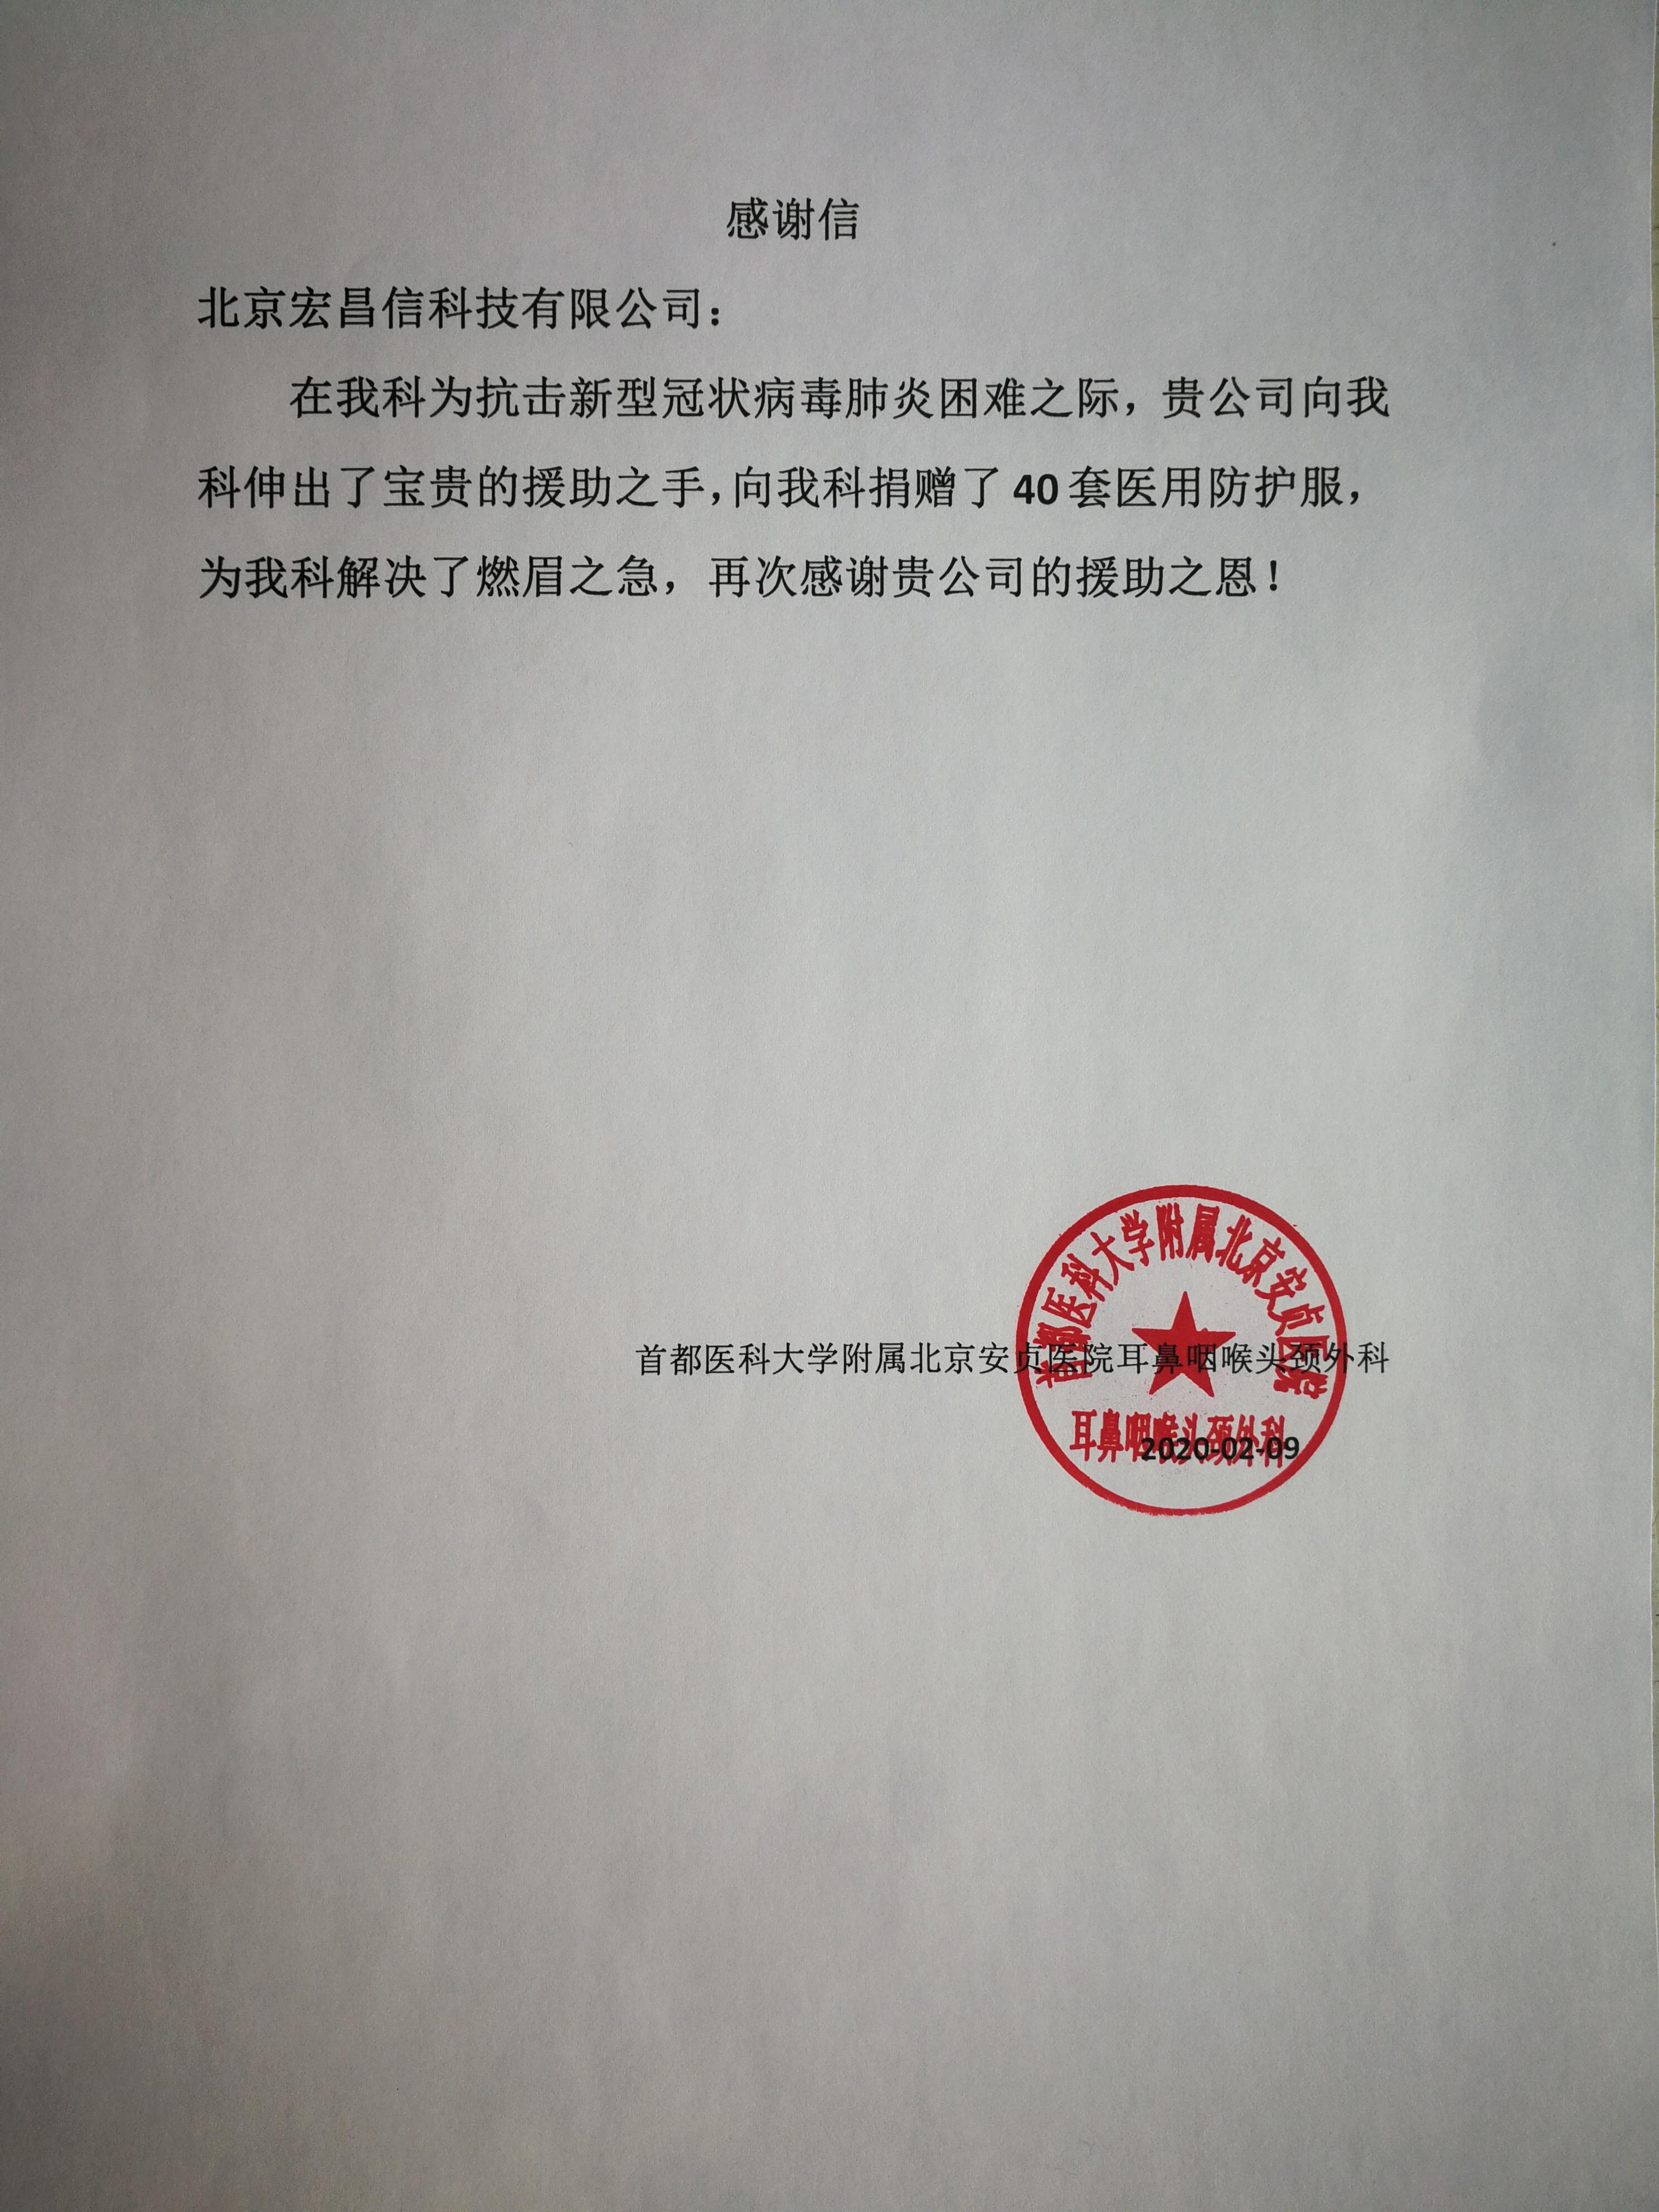 首都醫科大學附屬北京安貞醫院感謝宏昌信疫情捐贈